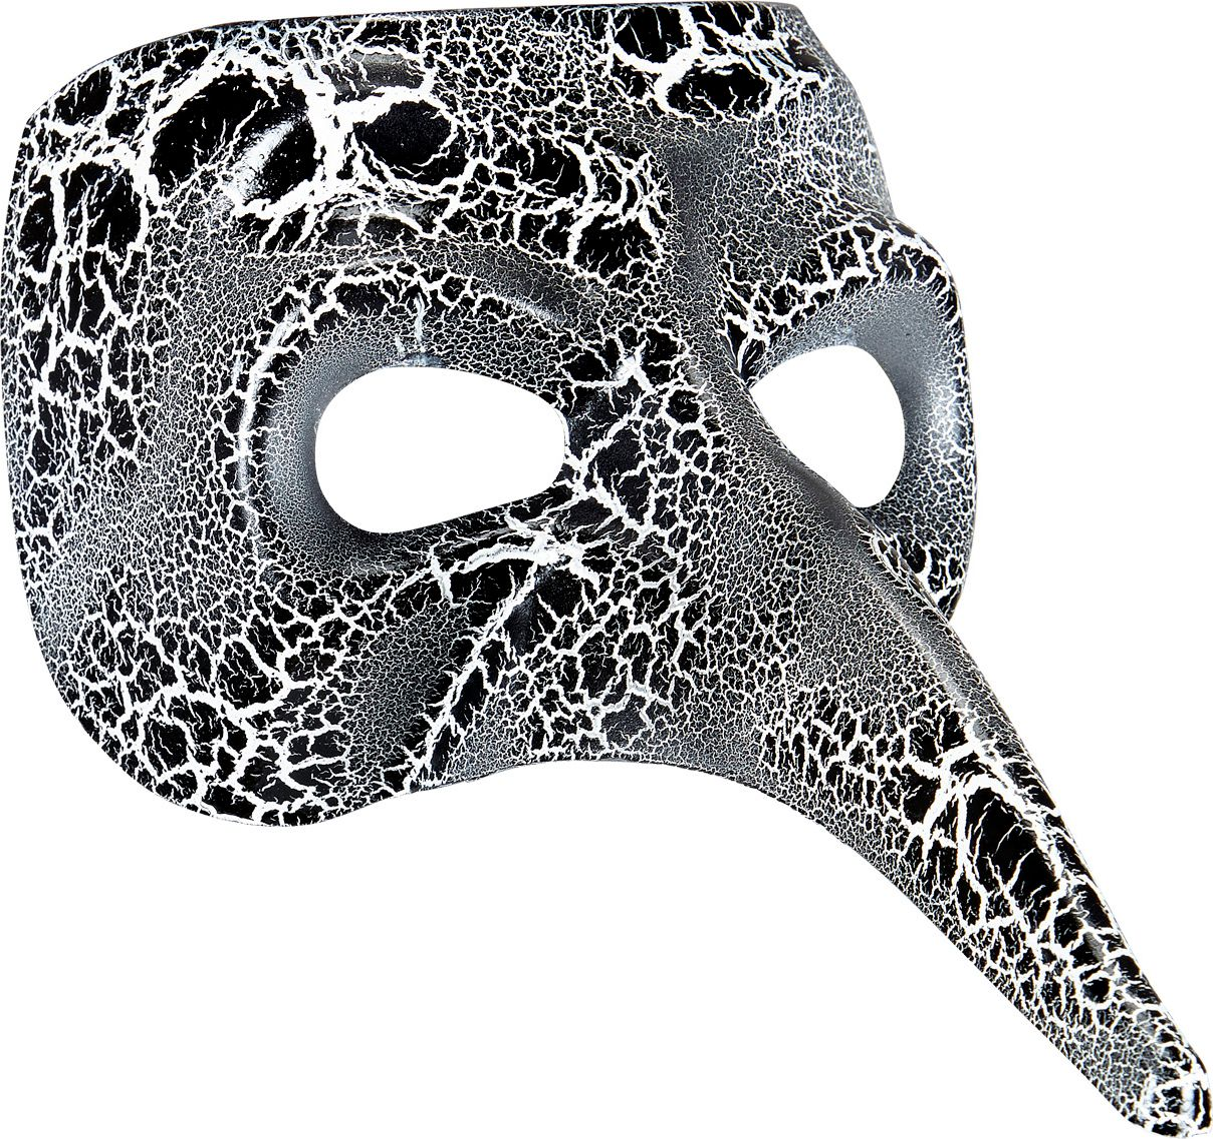 Zwart-wit gevlekt venetiaans masker met lange neus